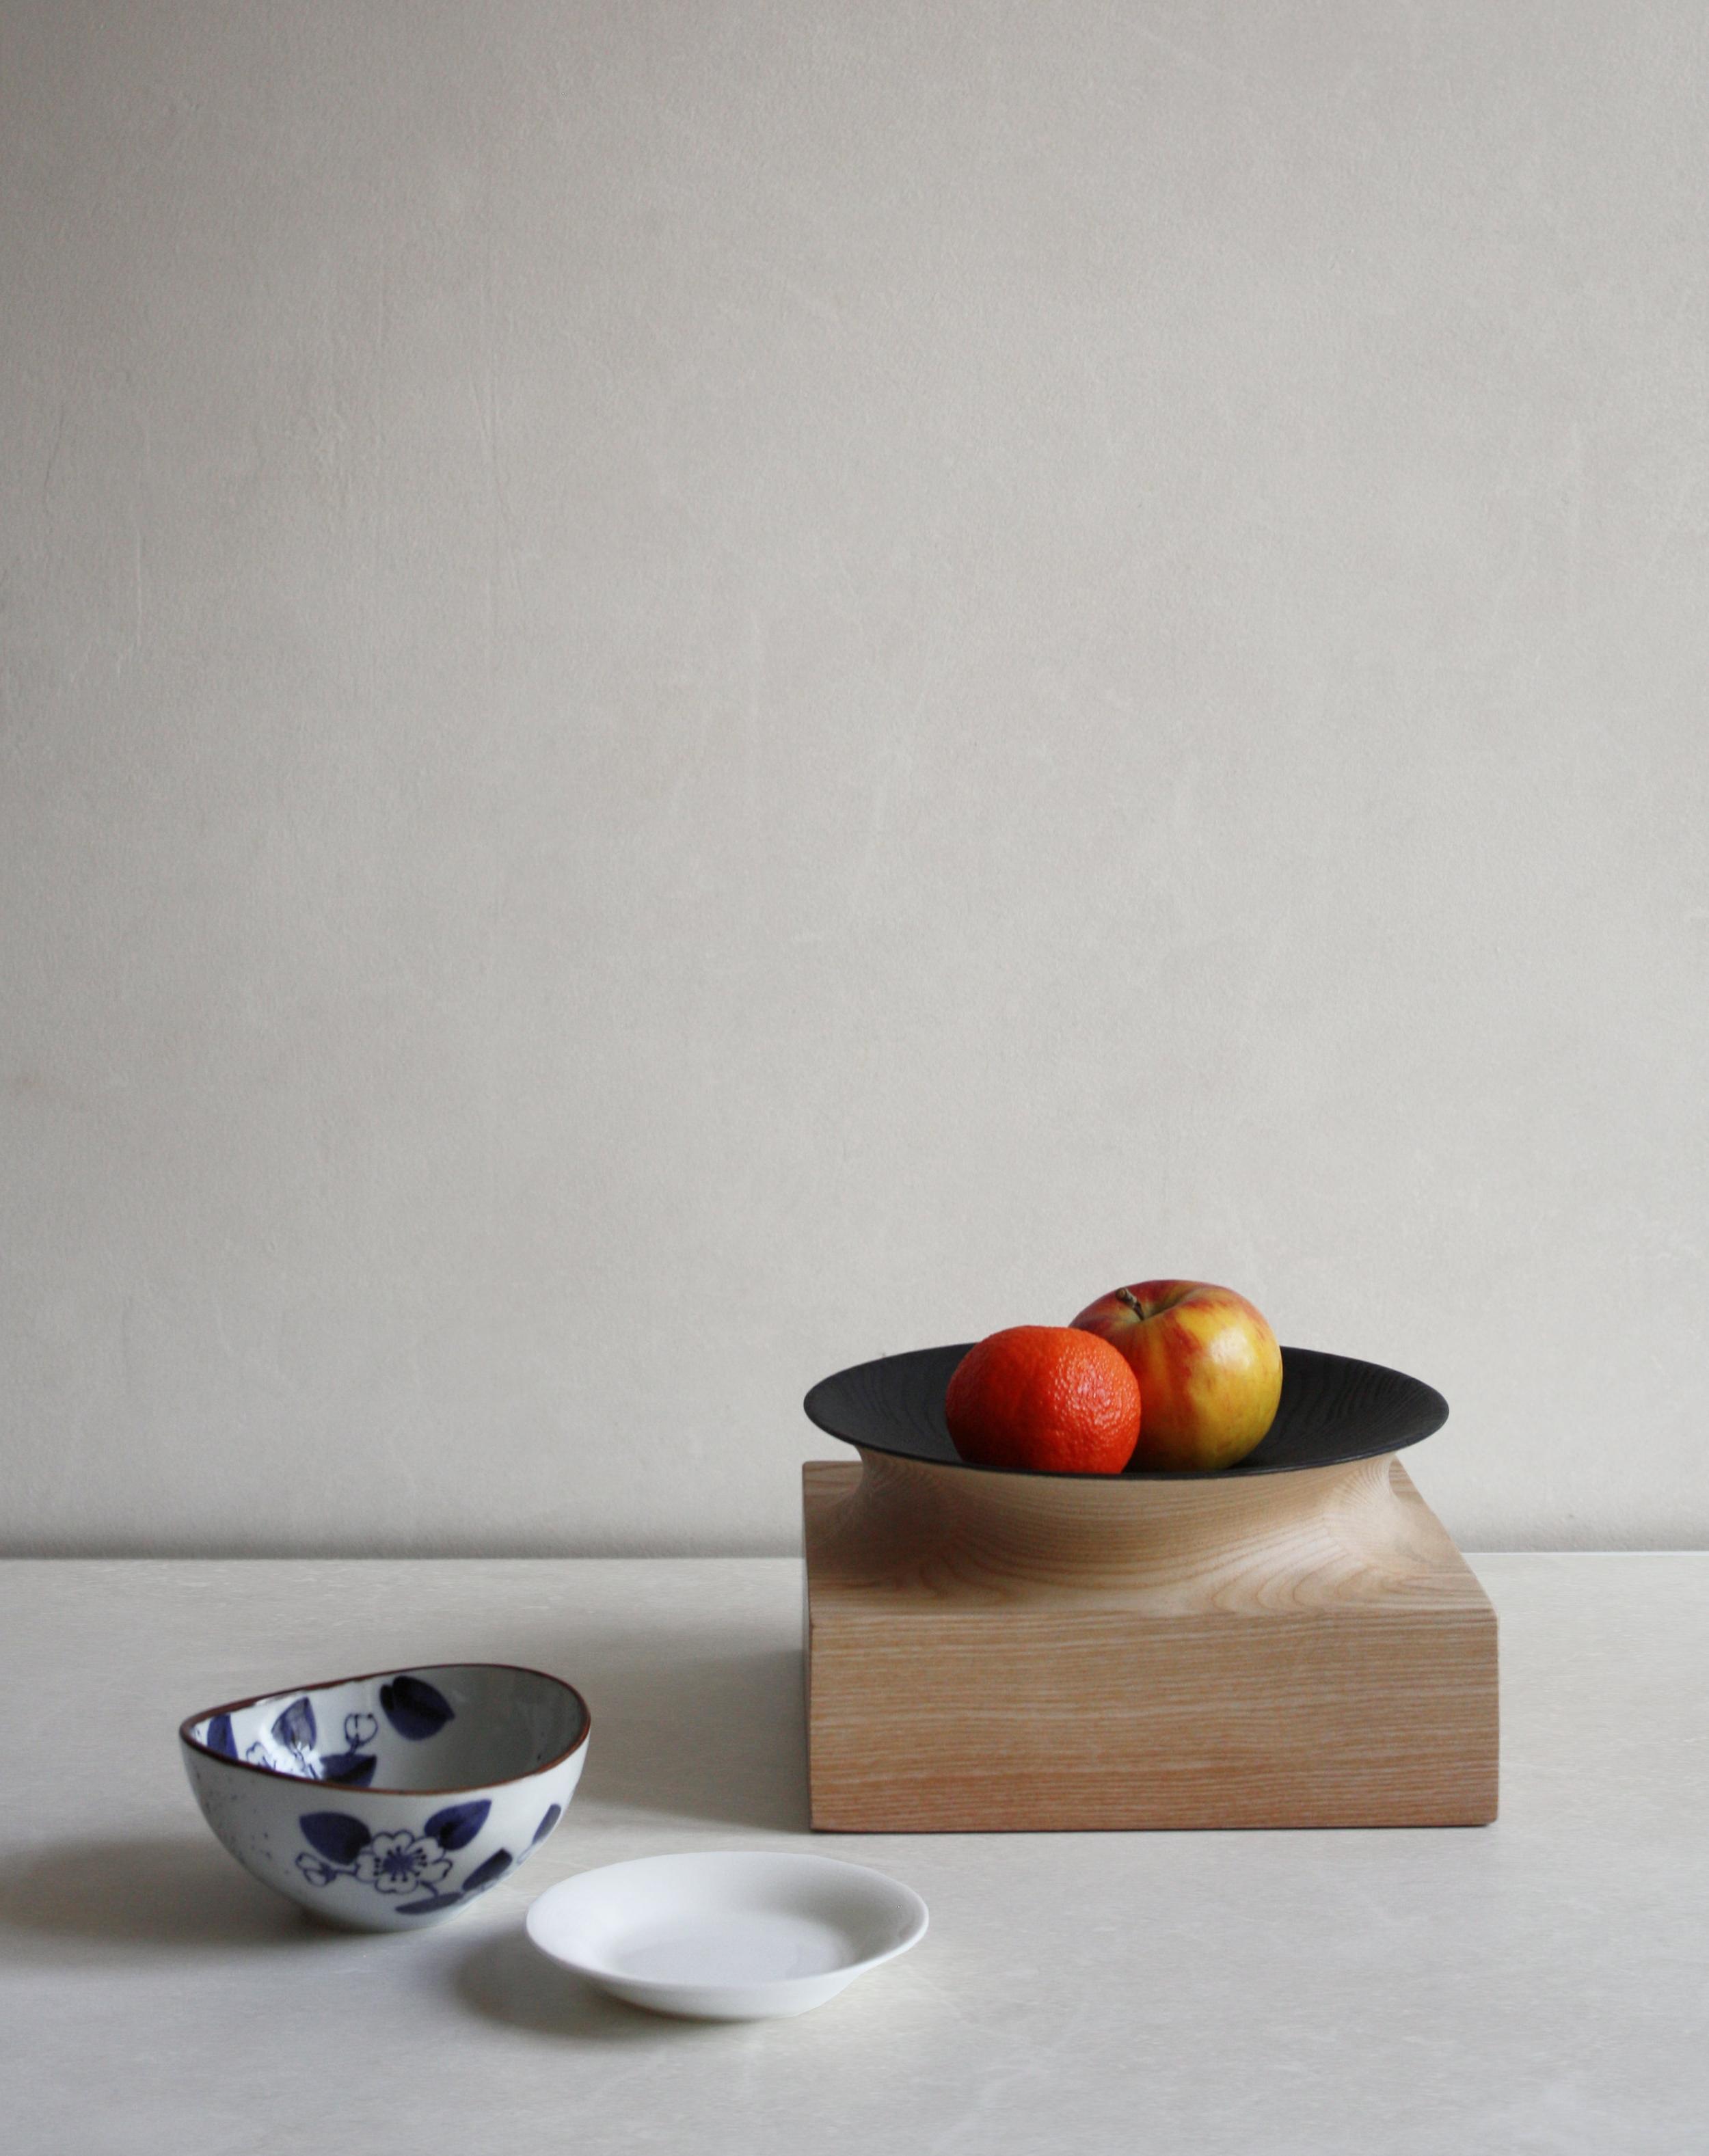 mathieu delacroix_tasso_bowls_06